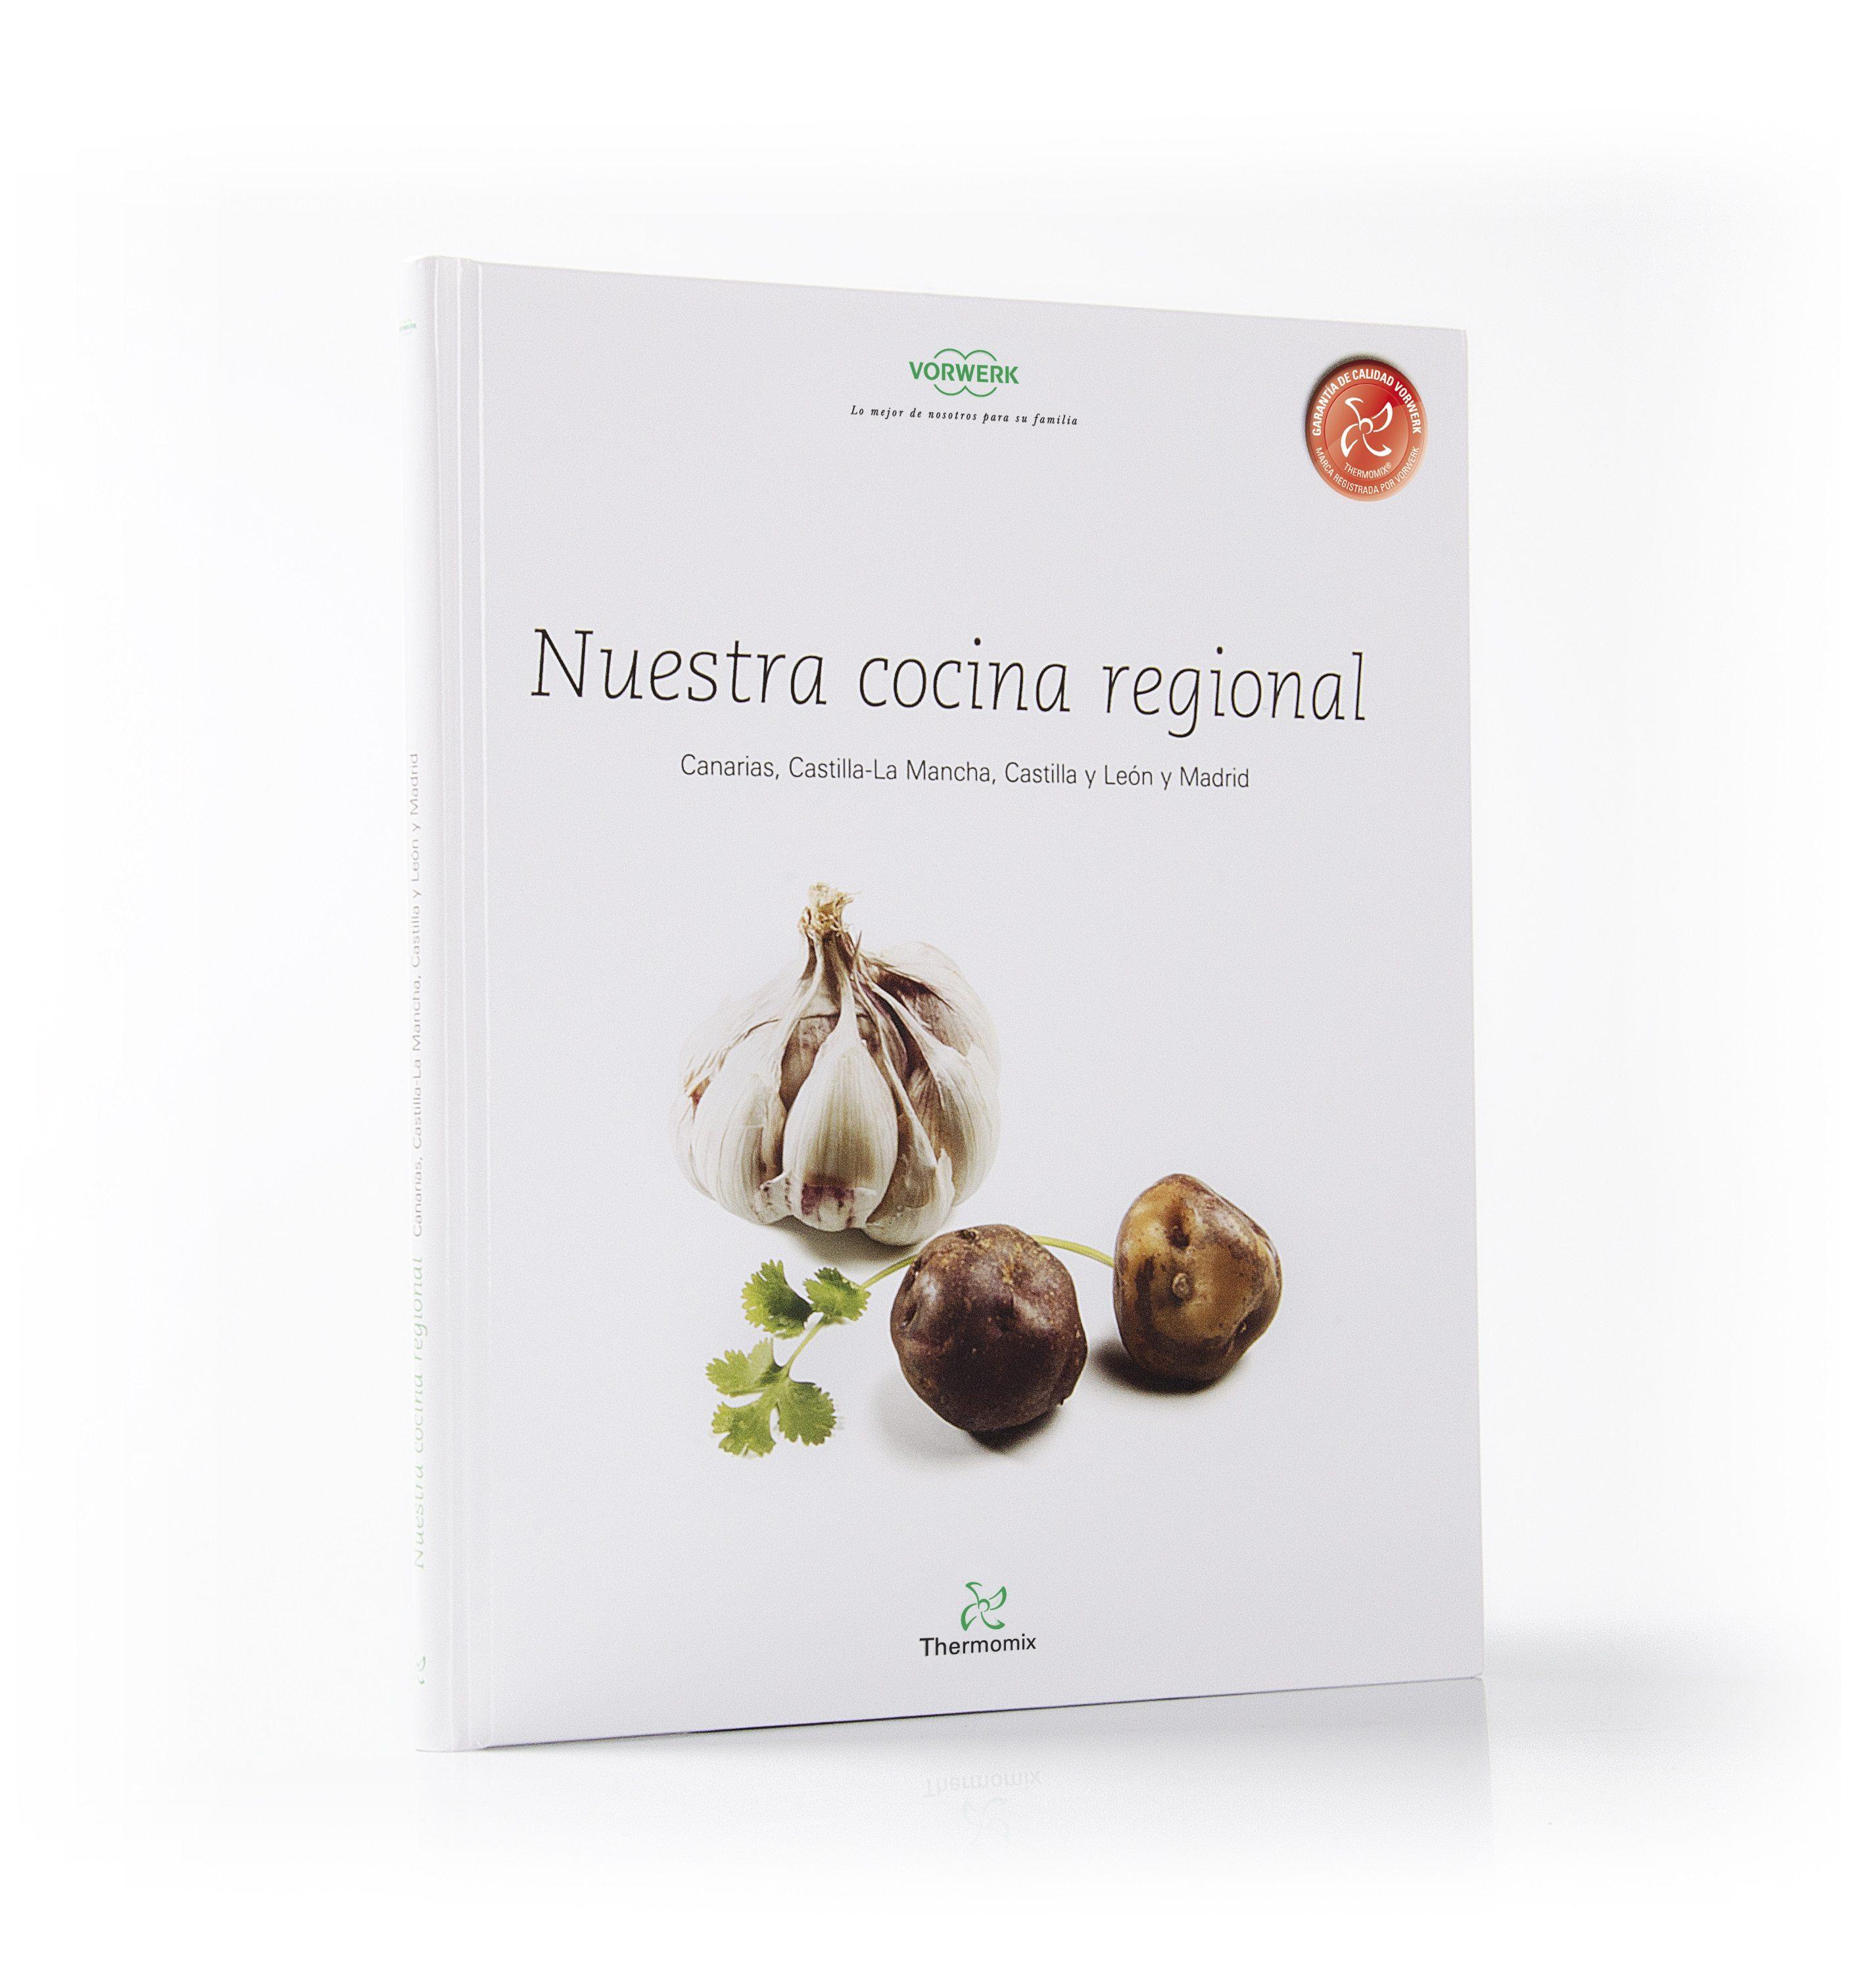 nuestra cocina regional canarias, castilla-la mancha, castilla y leon y madrid-9788461463701